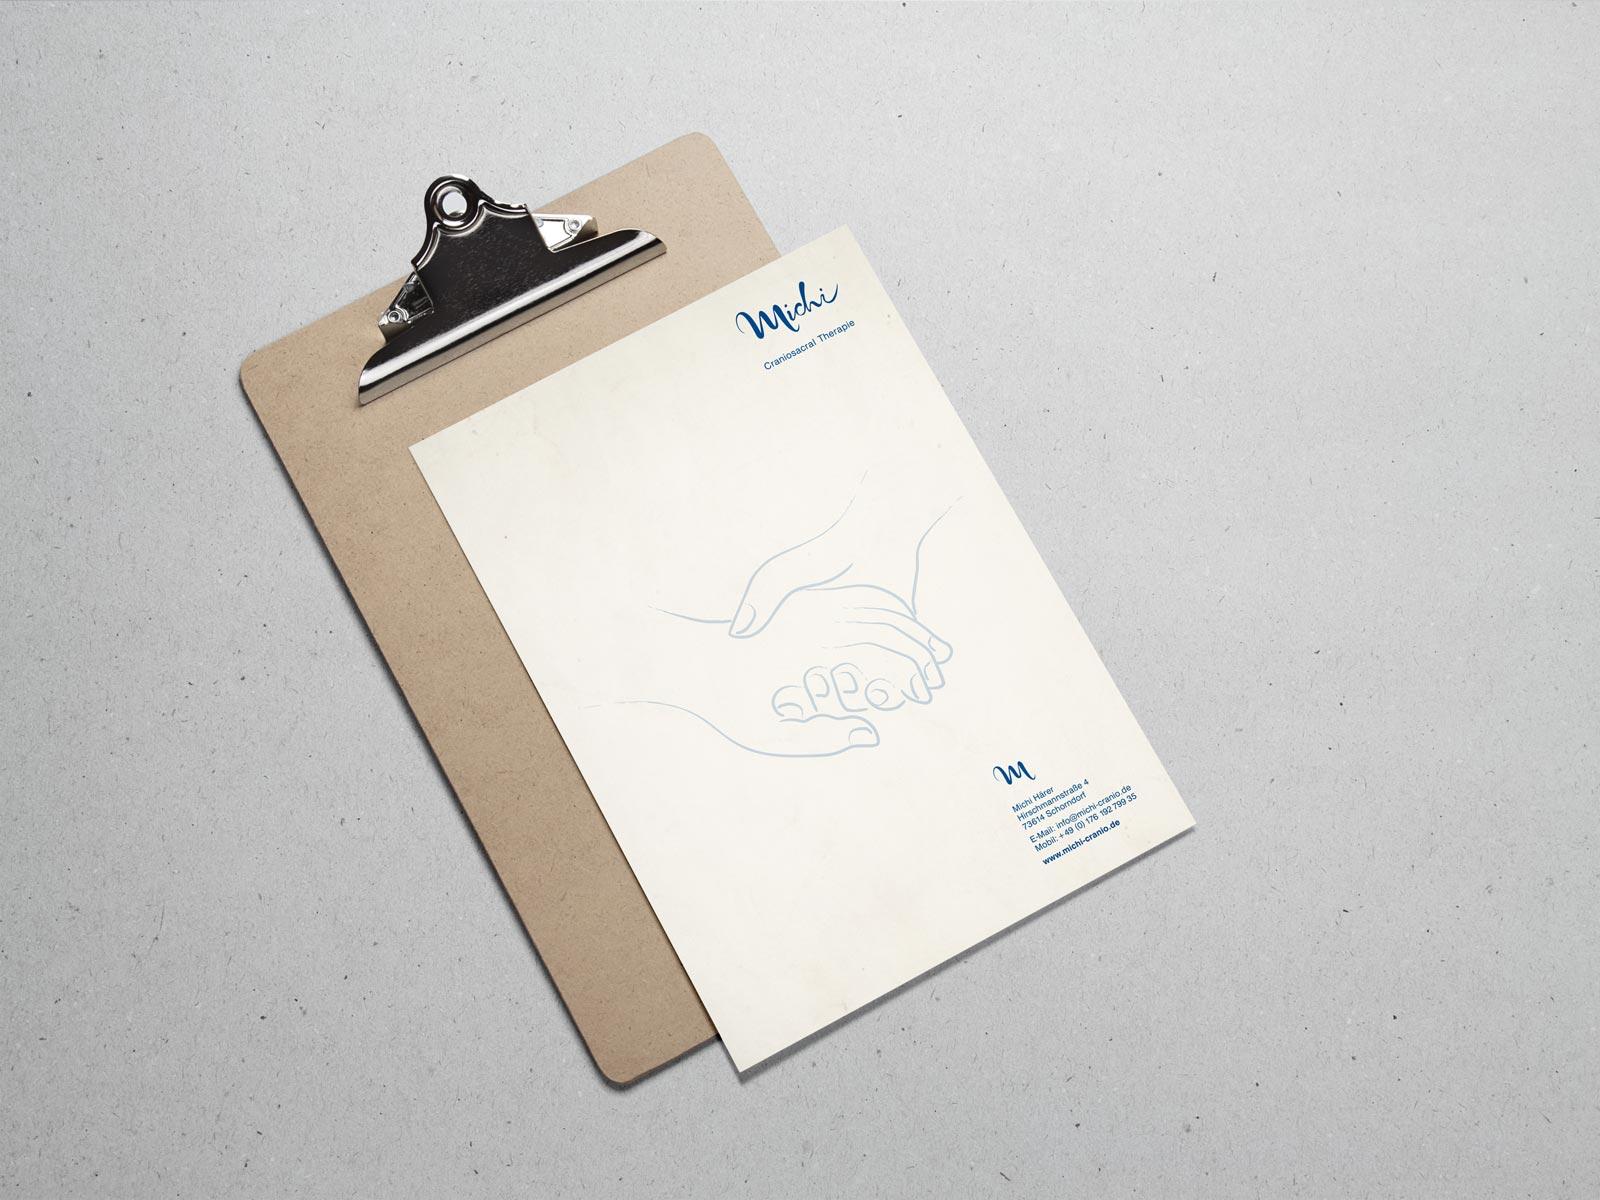 Michi, Briefpapier, Geschäftsausstattung, Corporate Design